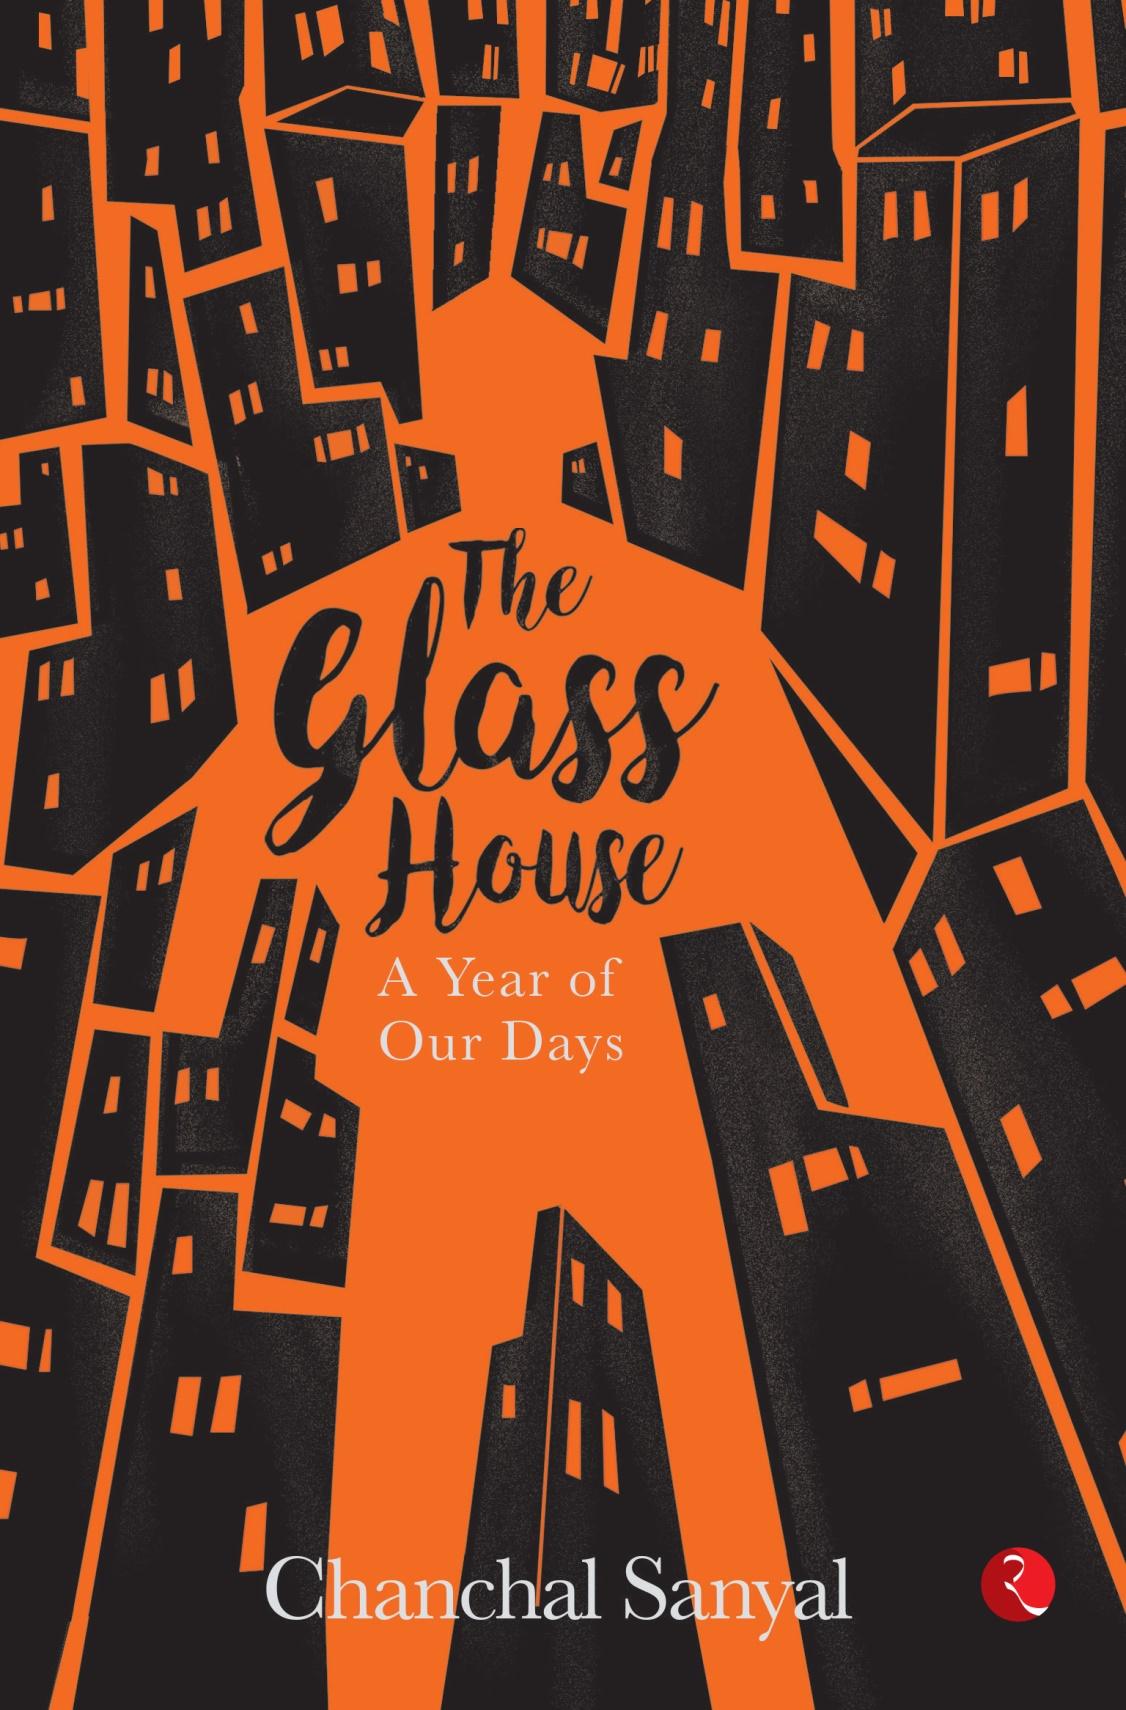 The Glass House - Chanchal Sanyal Image